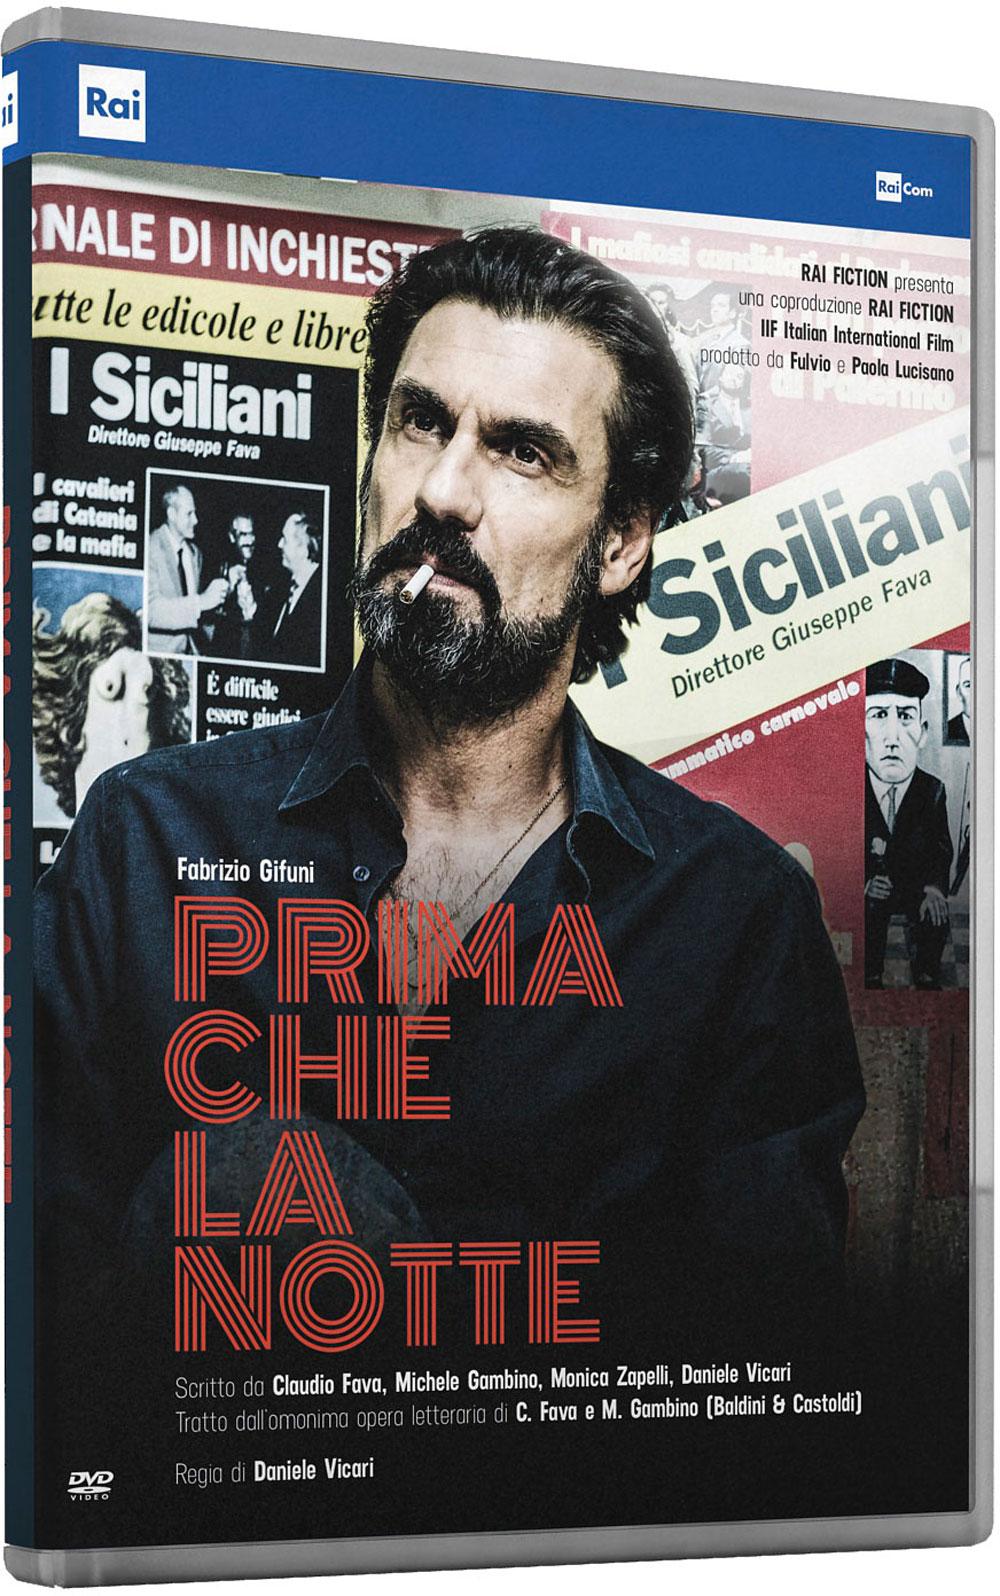 PRIMA CHE LA NOTTE (DVD)